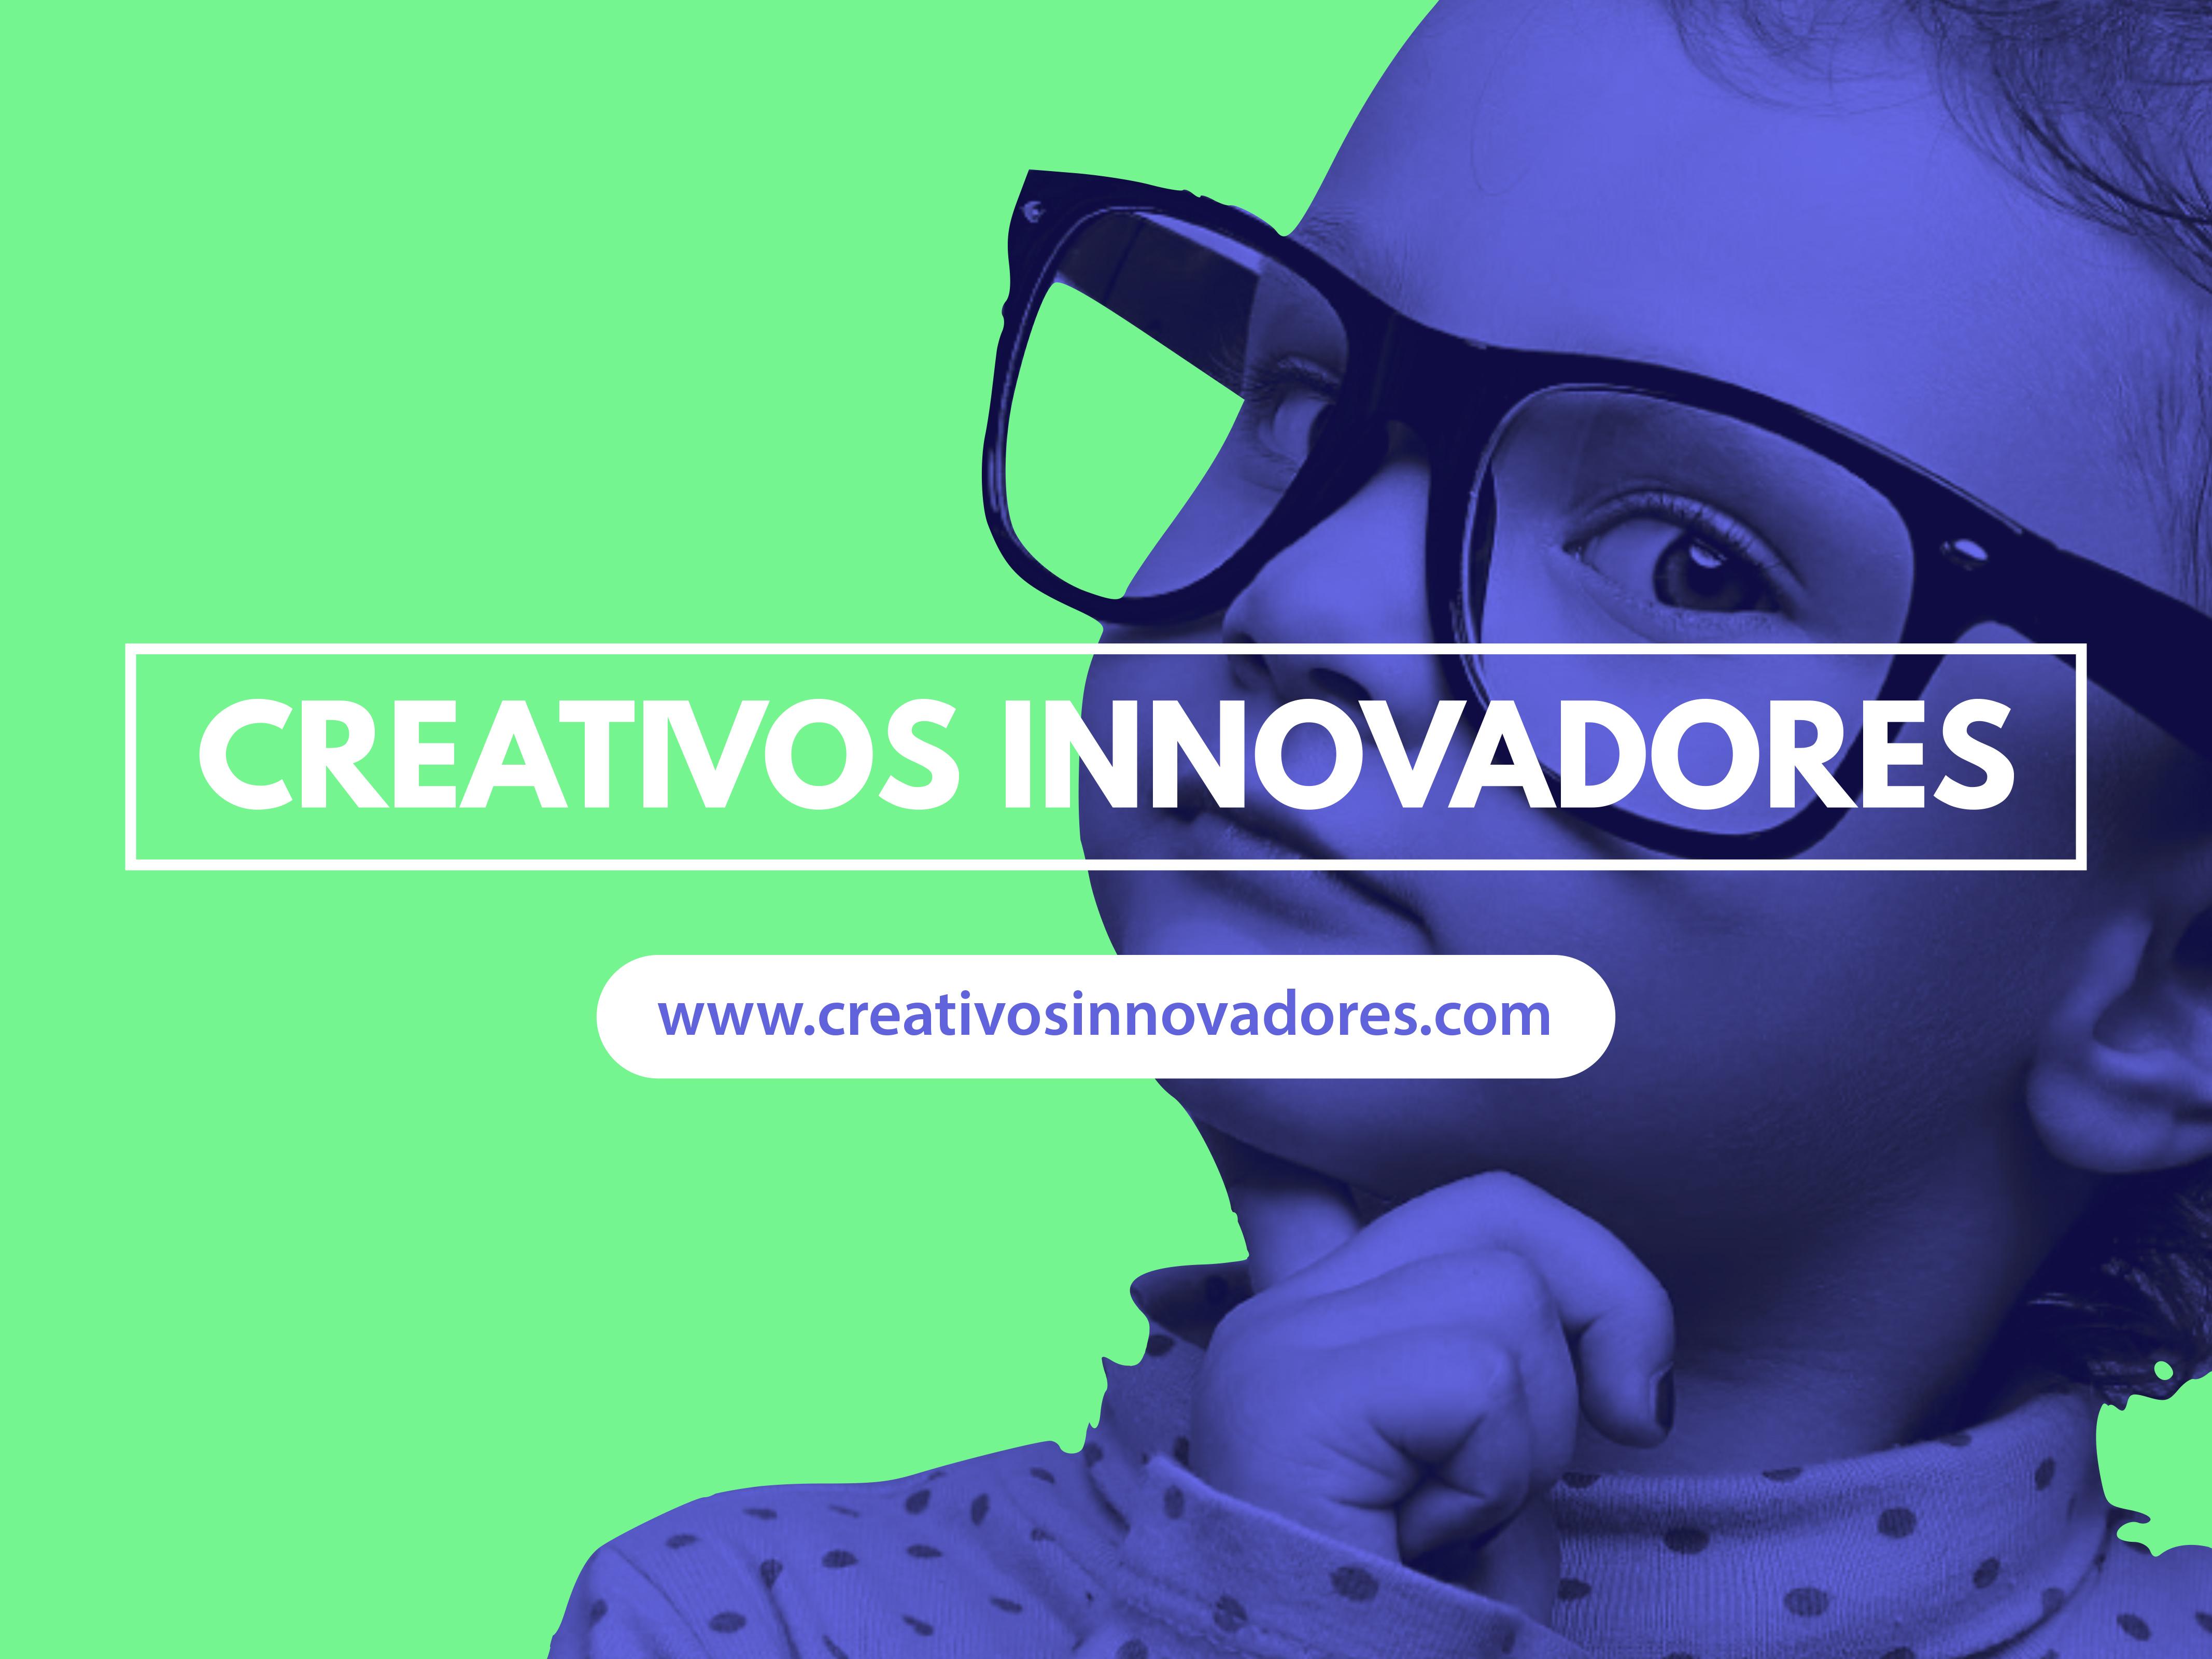 Creativos Innovadores (Convocatoria Laguna Innovadora - PSM)